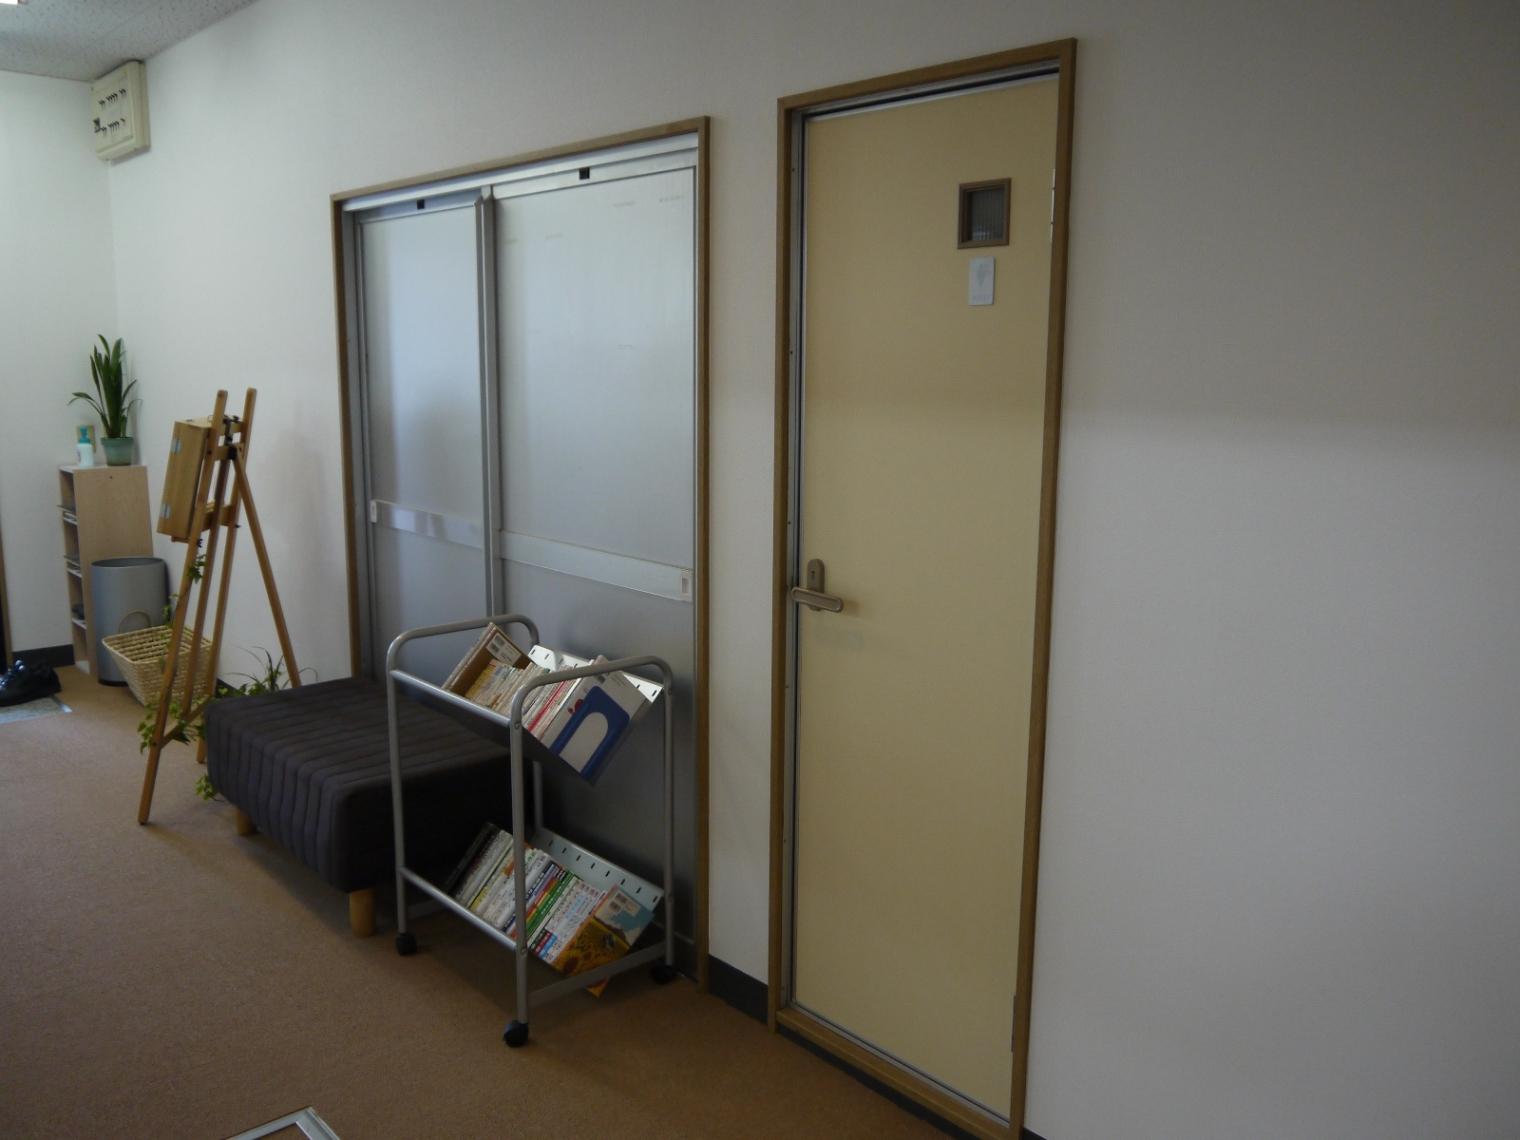 2012-06-08 千種区 EST様-2 塾ホール【空】1.Before